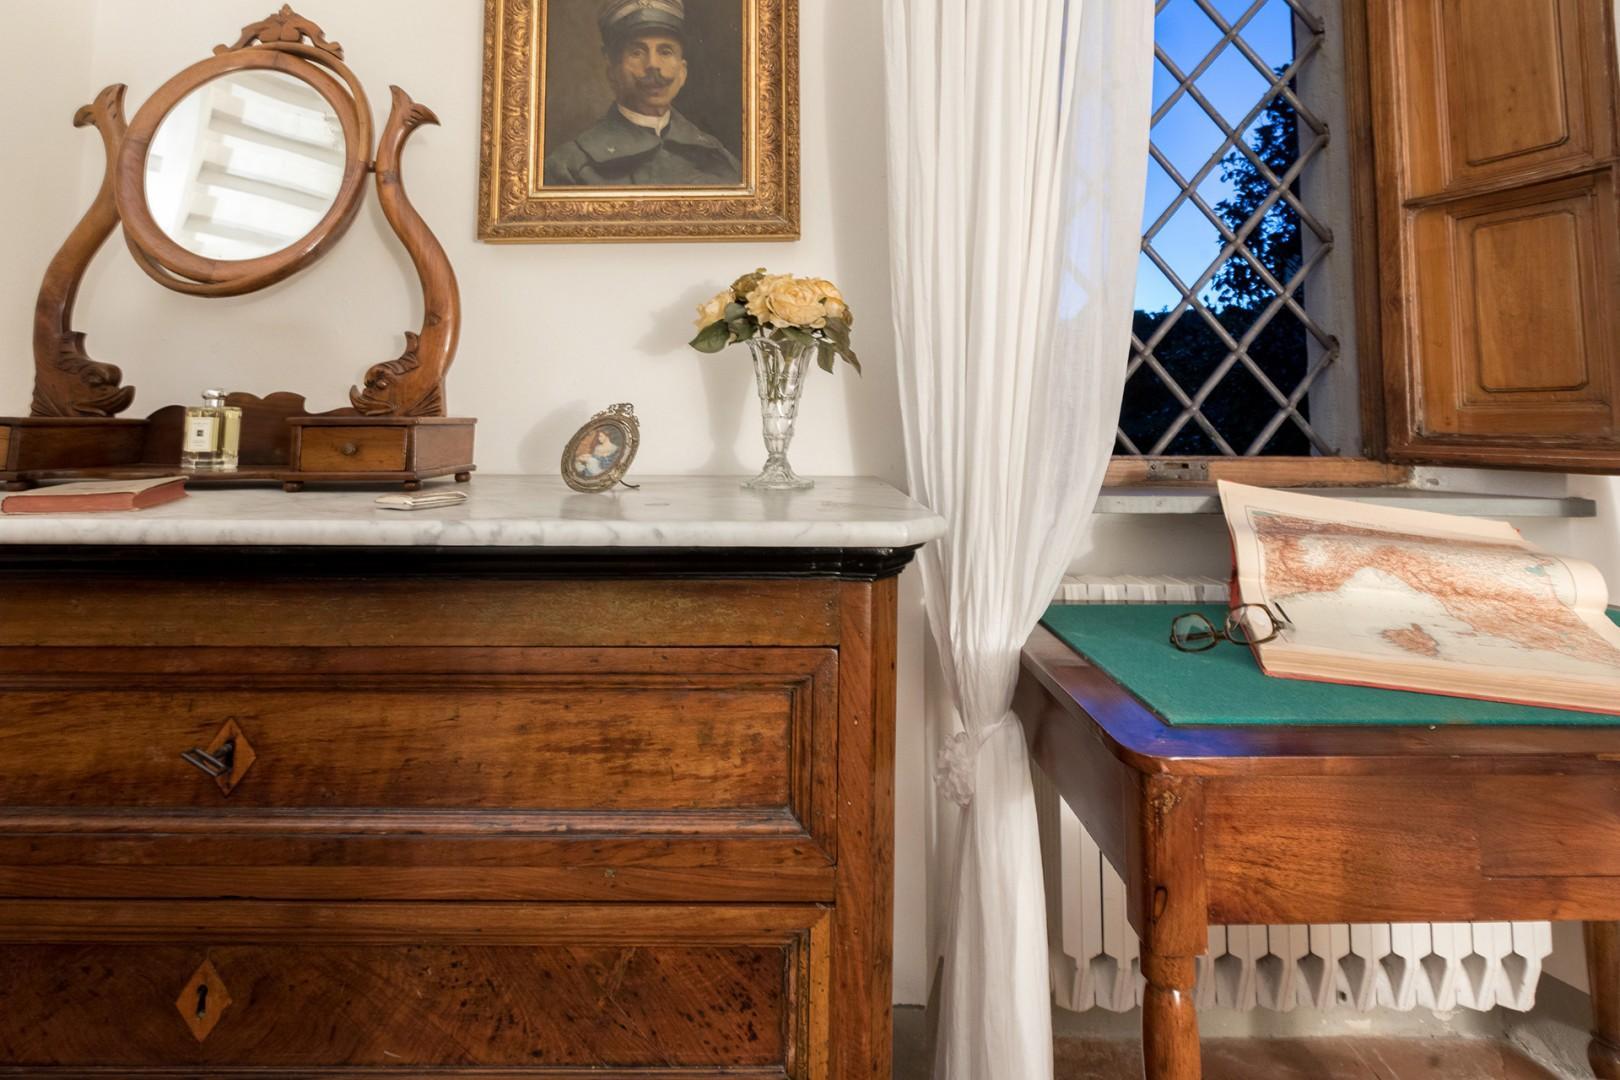 The antique bureau has a pretty mirror.